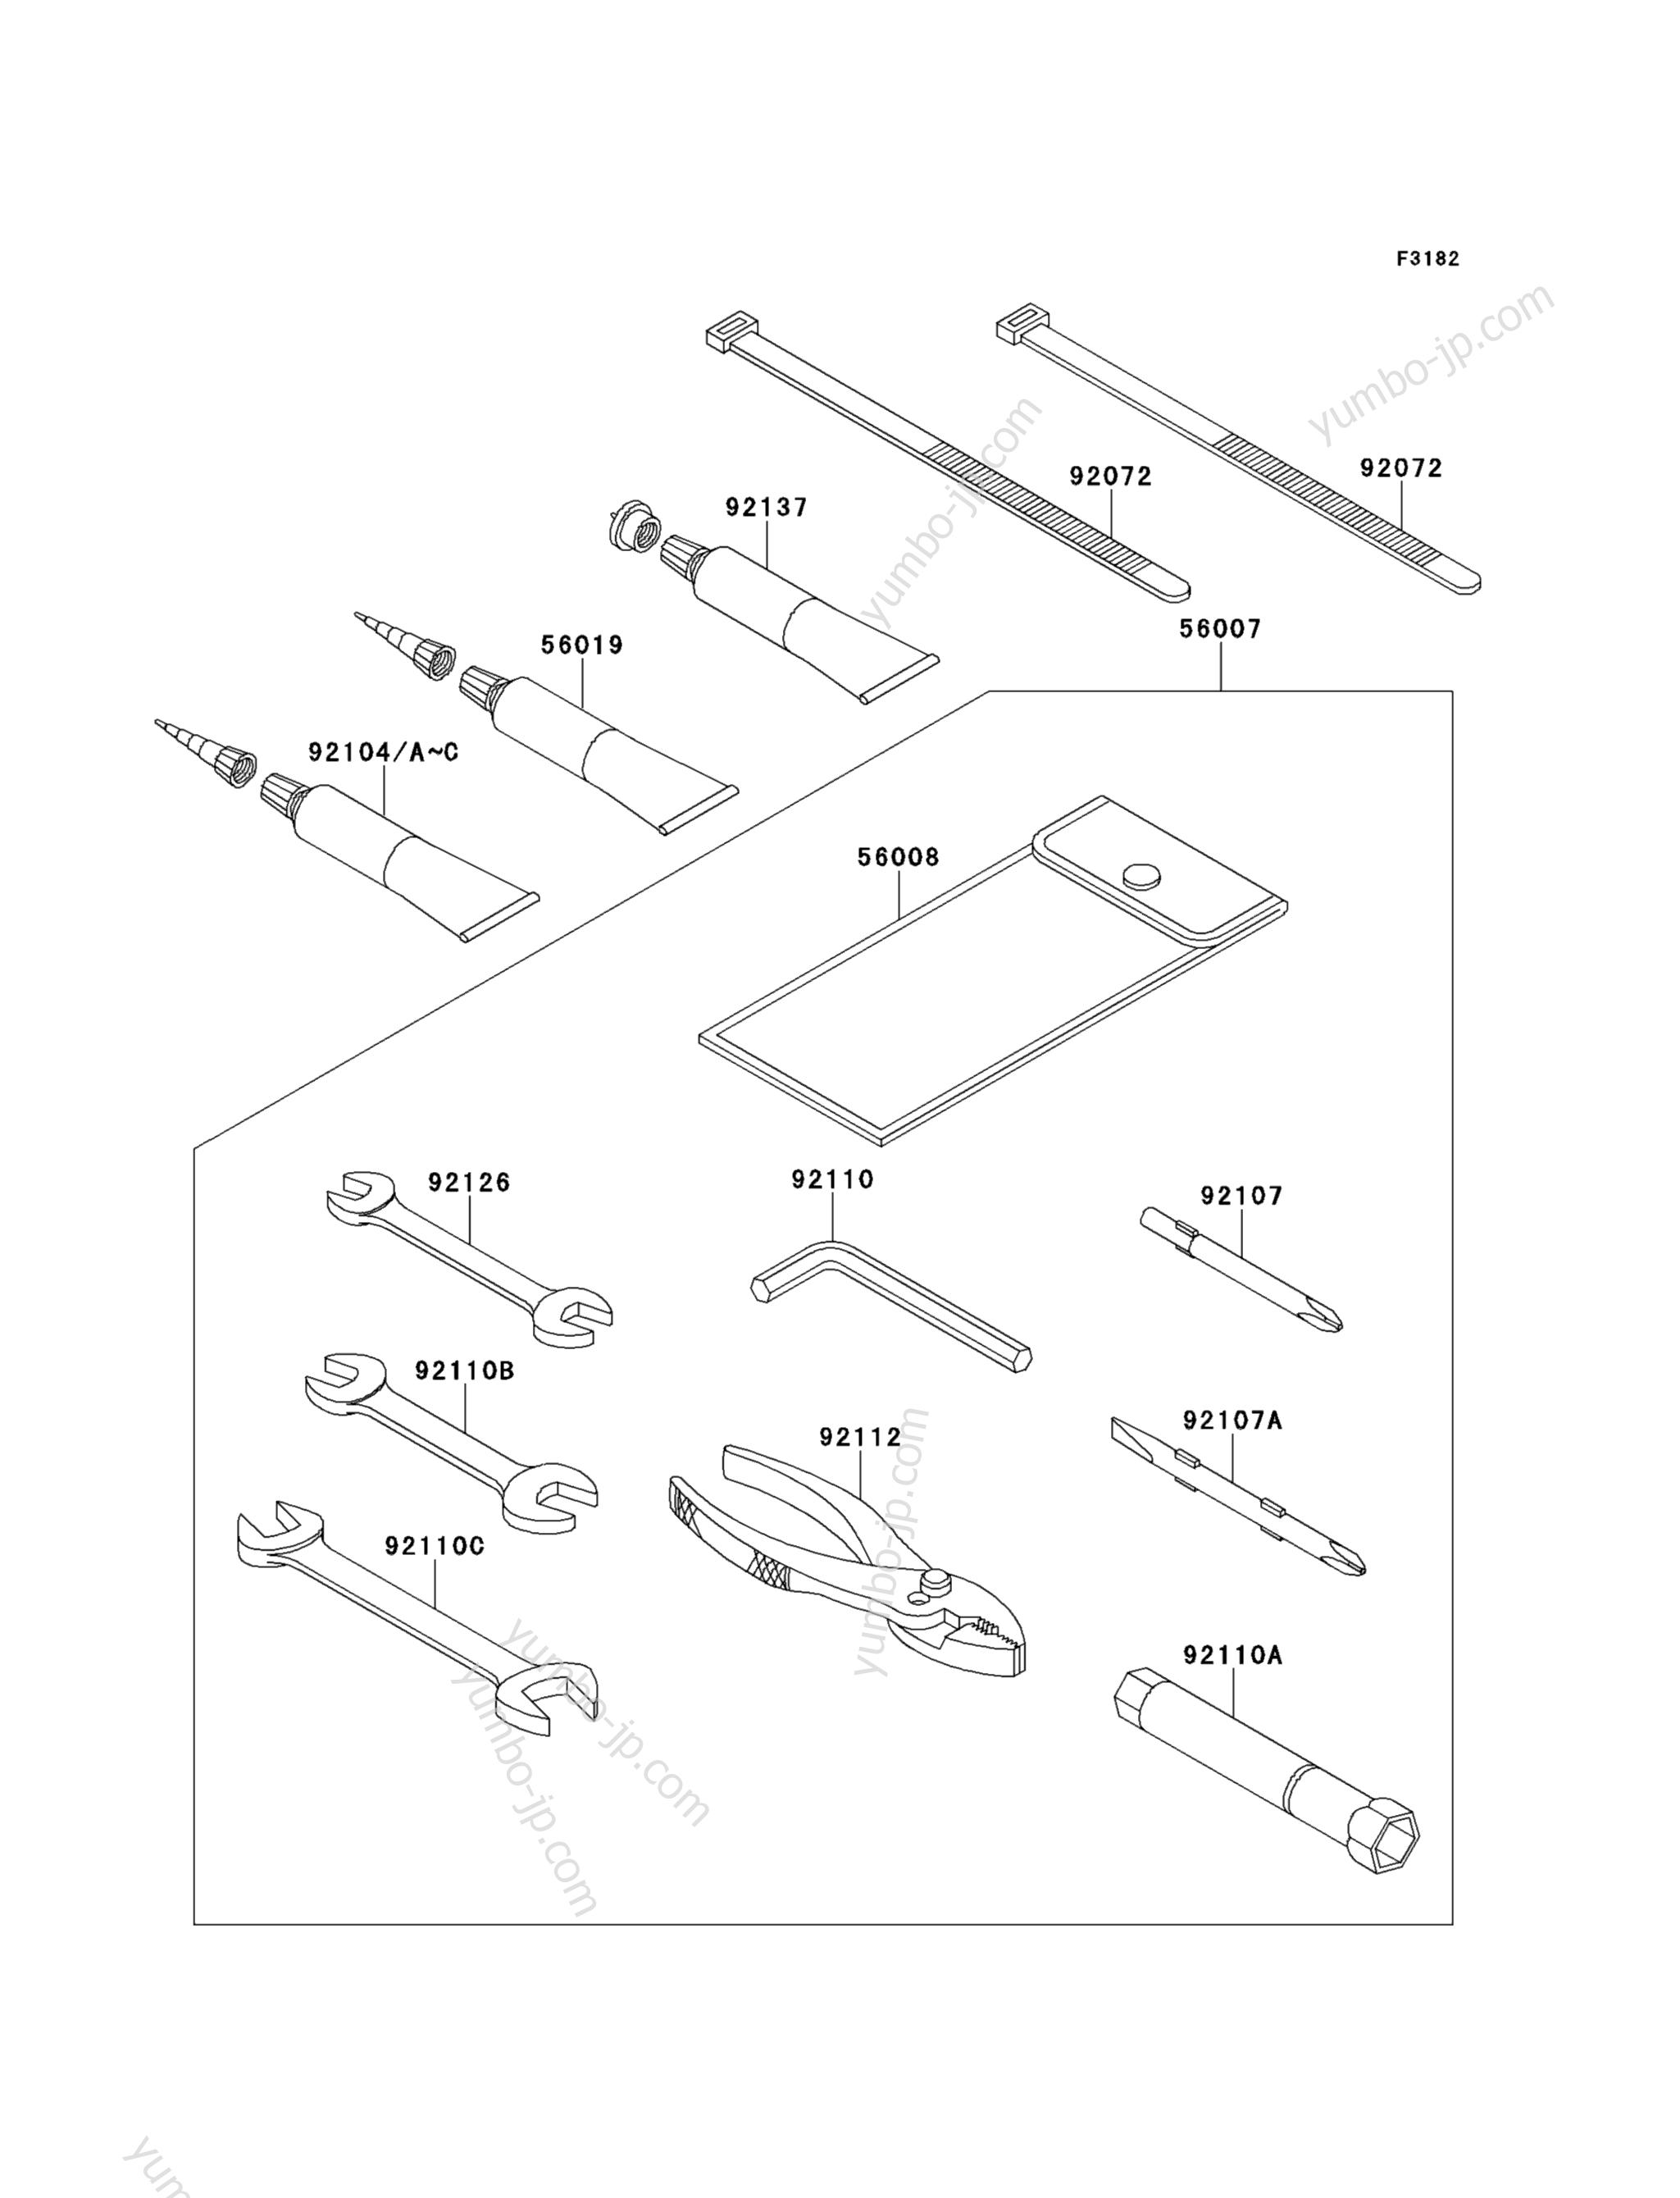 OWNER'S TOOLS для гидроциклов KAWASAKI JET SKI STX-15F (JT1500ADF) 2013 г.